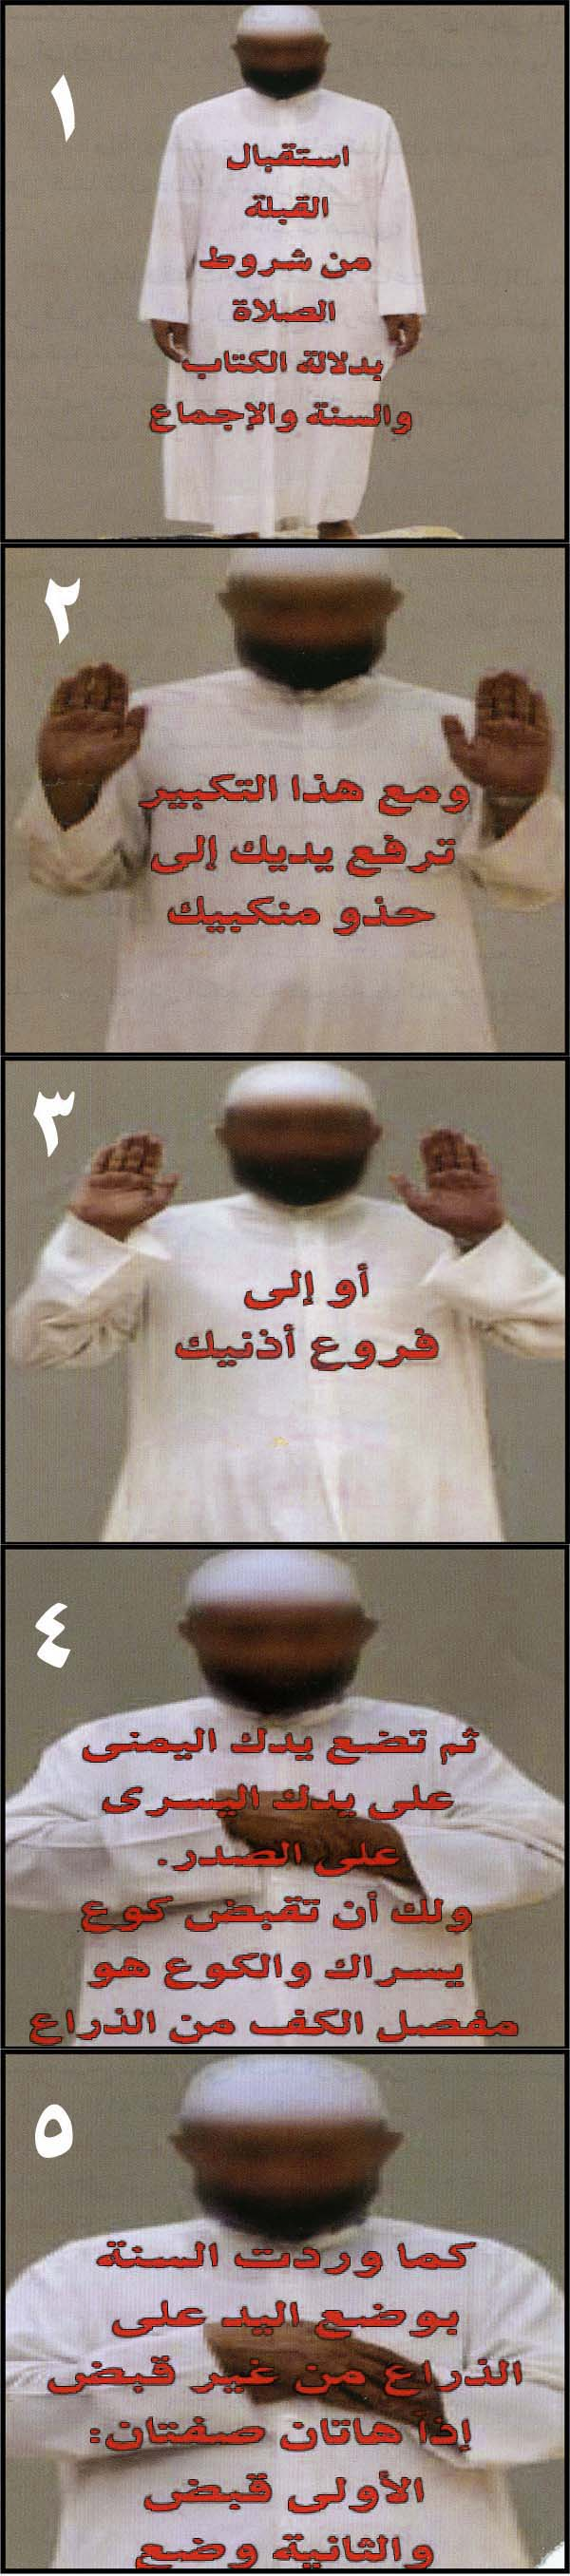 بالصور طريقة الصلاة الصحيحة بالصور , الصلاه الكامله الصحيحه 4243 6